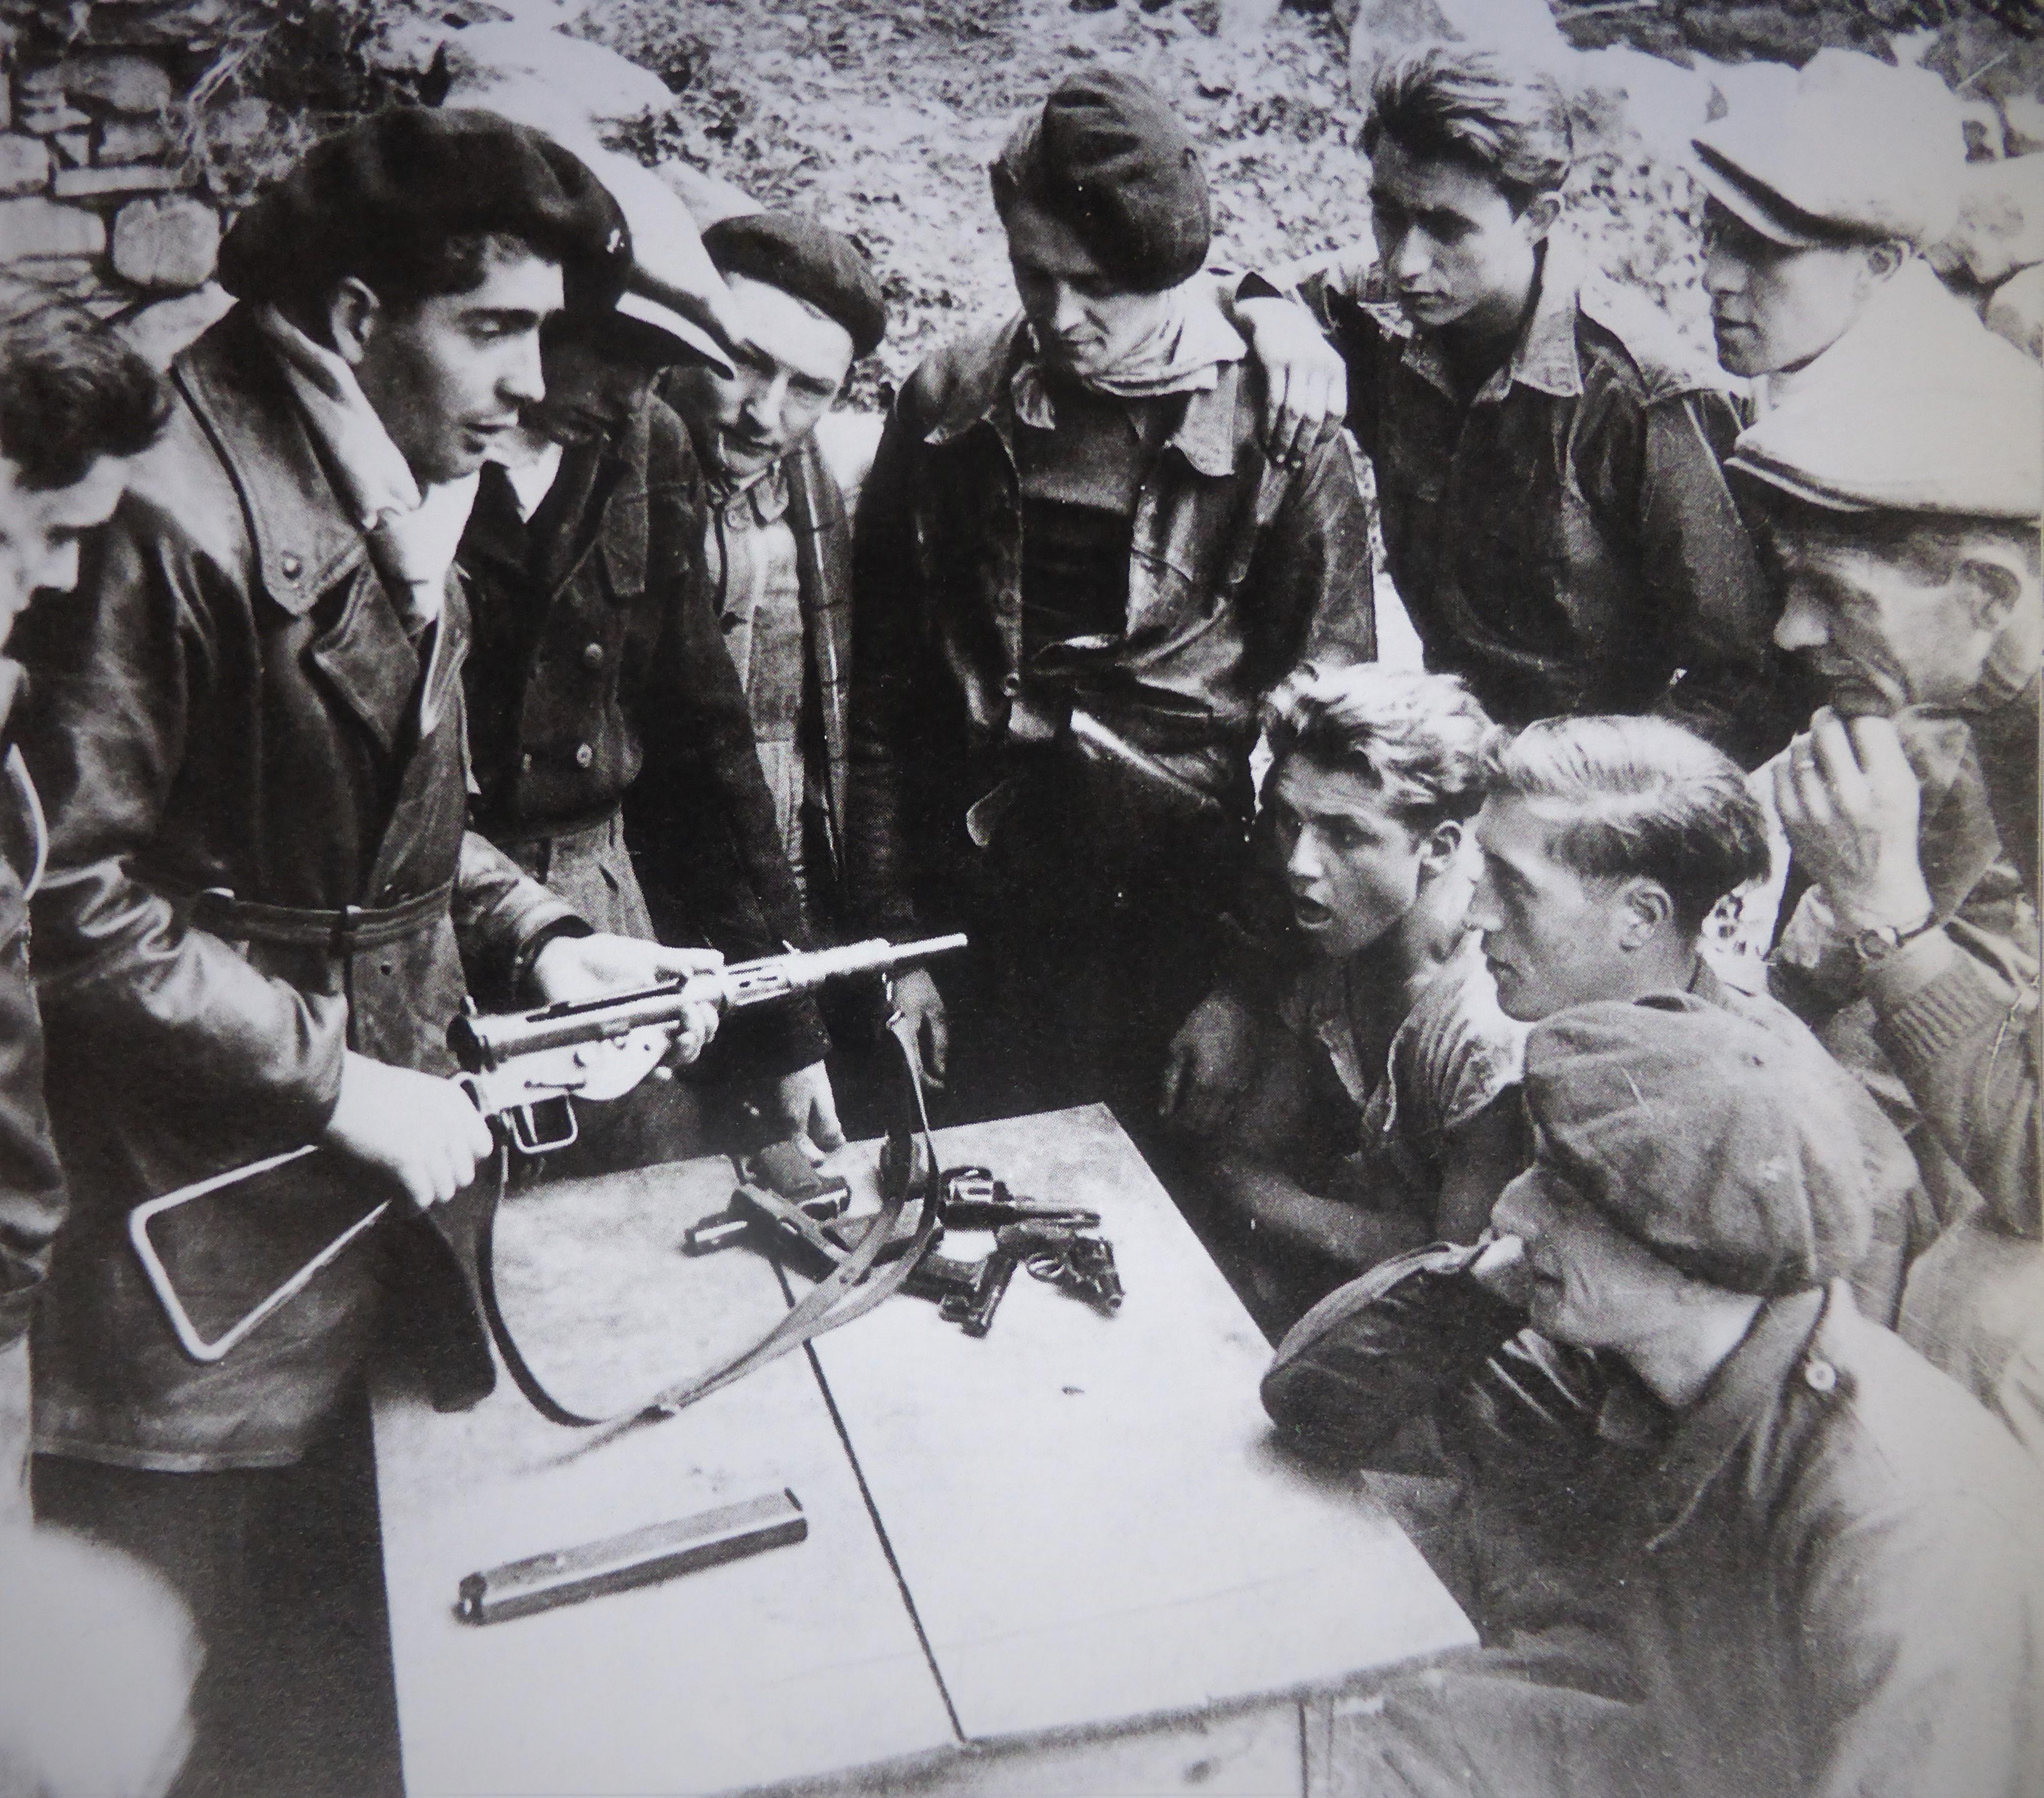 Французские партизаны обучаются владению стрелковым оружием